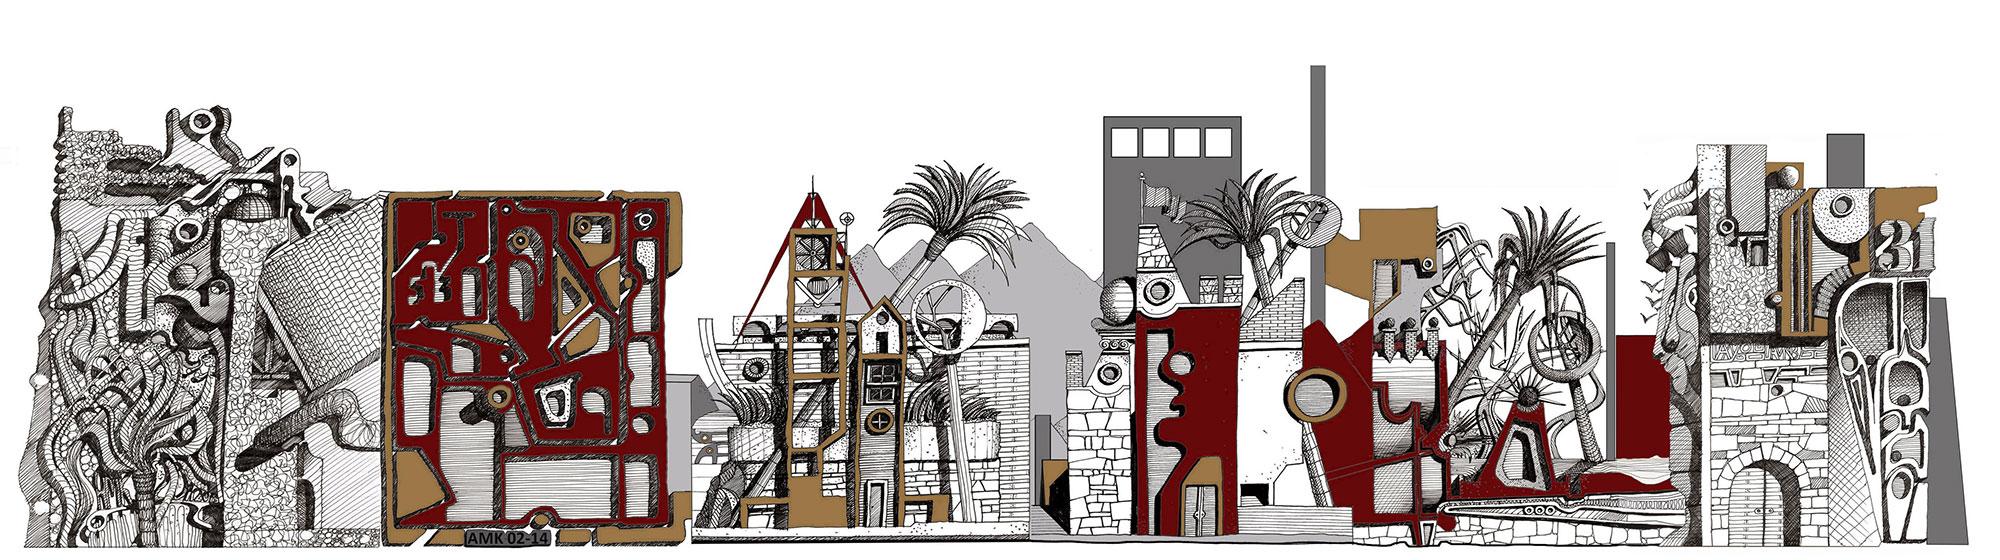 Η εκτέλεση της αρχιτεκτονικής